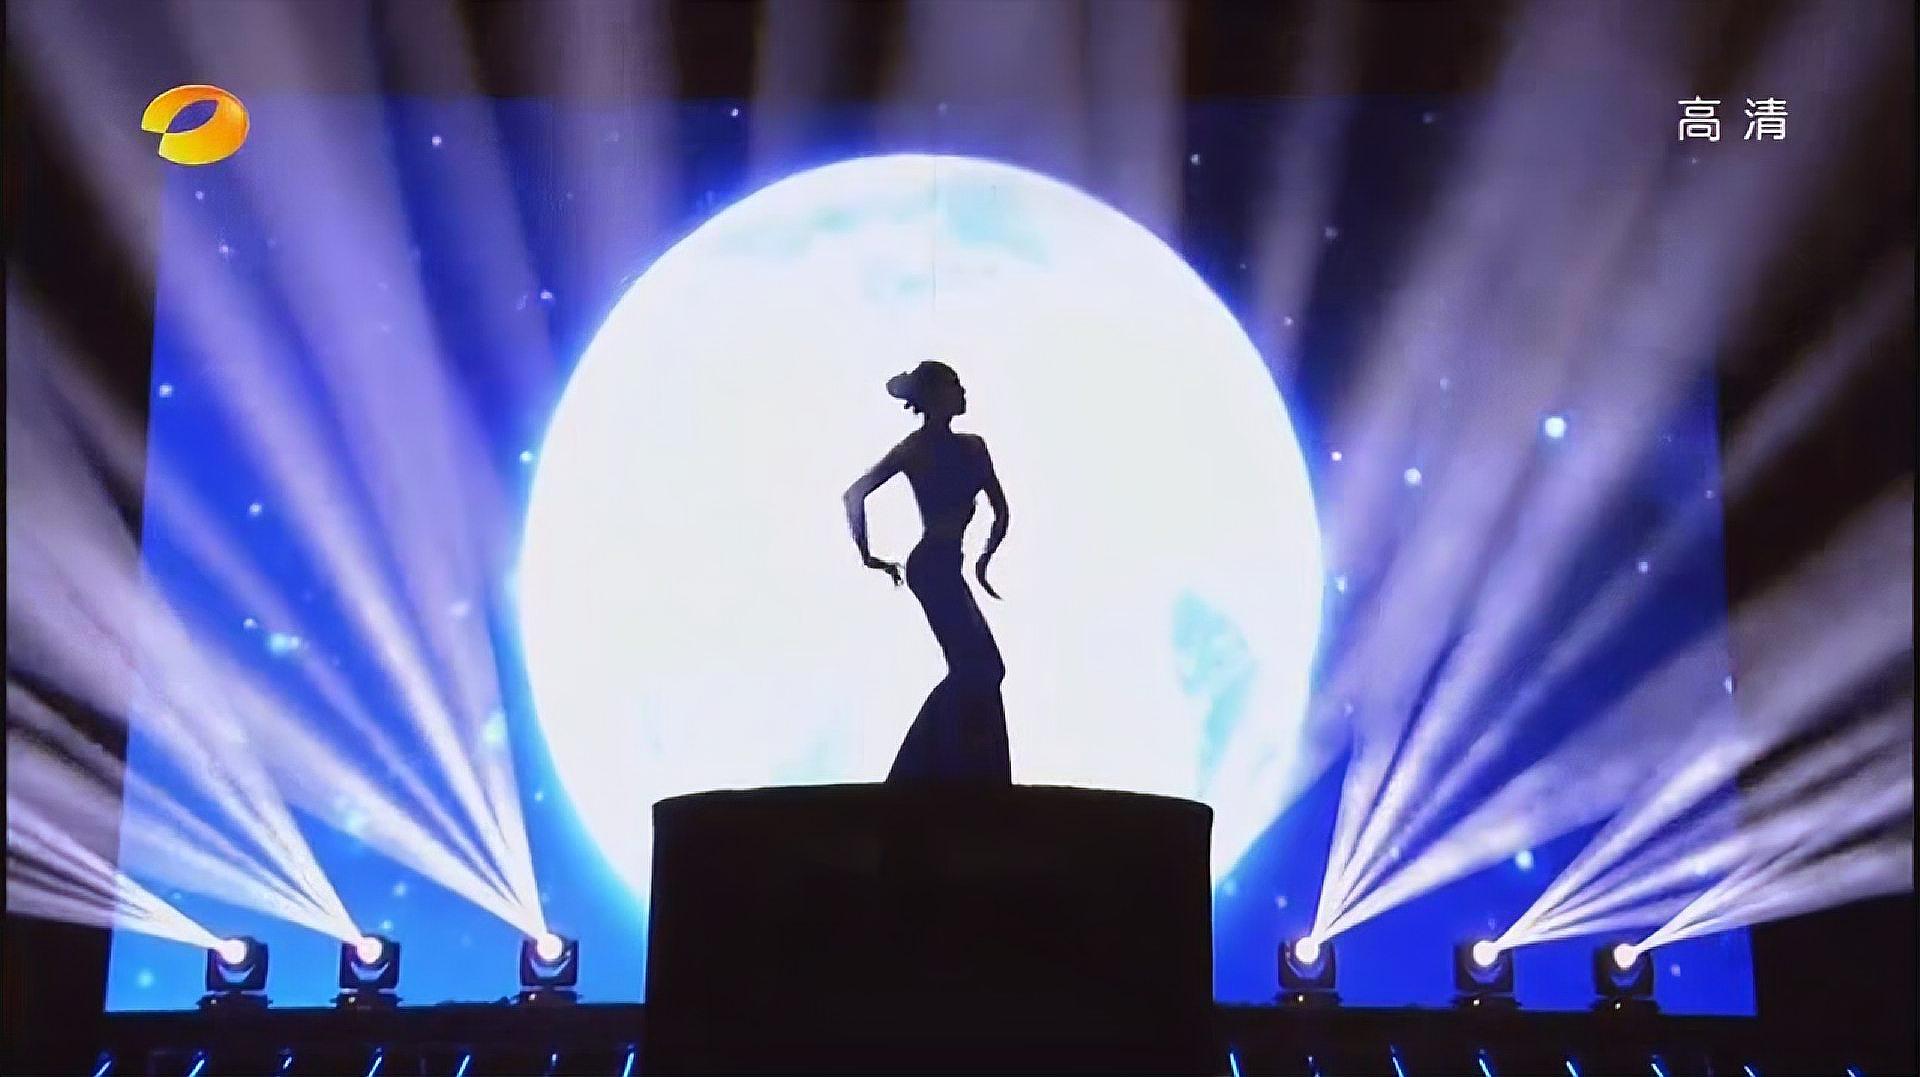 奇舞飞扬:男选手表演孔雀舞,以假乱真,还以为是杨丽萍在跳舞